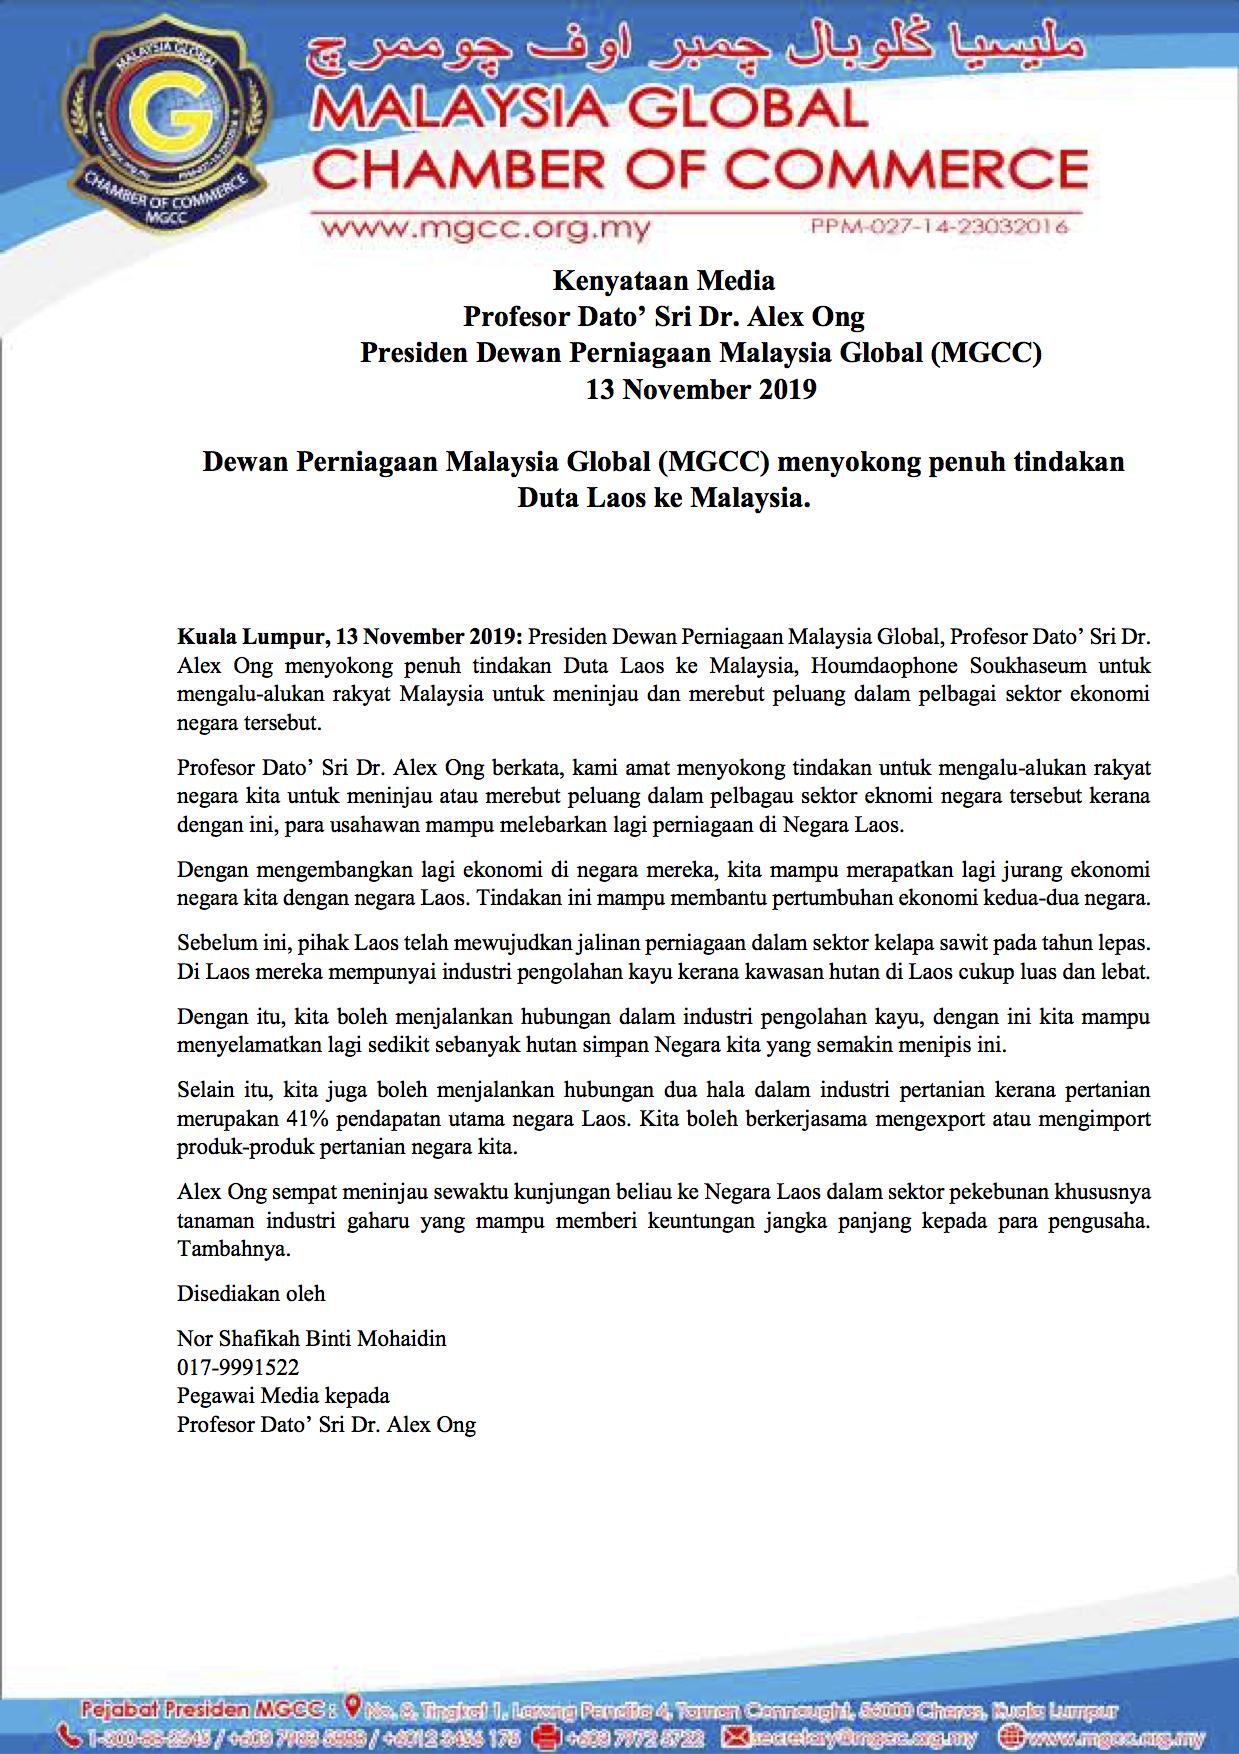 Dewan Perniagaan Malaysia Global (MGCC) menyokong penuh tindakan Duta Laos ke Malaysia.